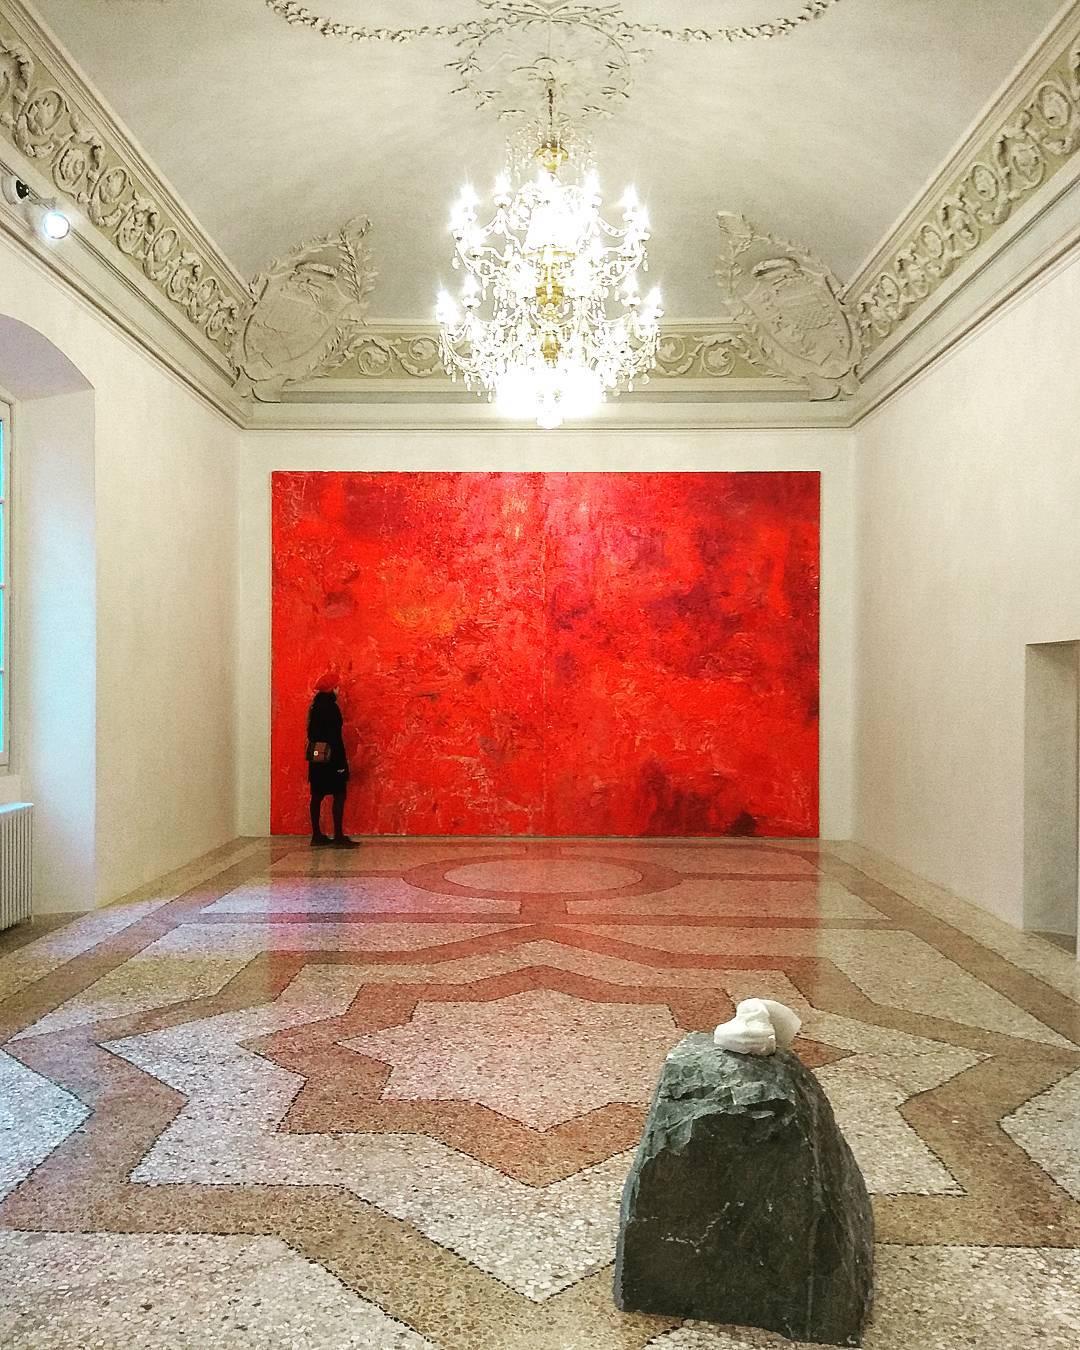 Vernissage #2 alla galleria Massimo De Carlo